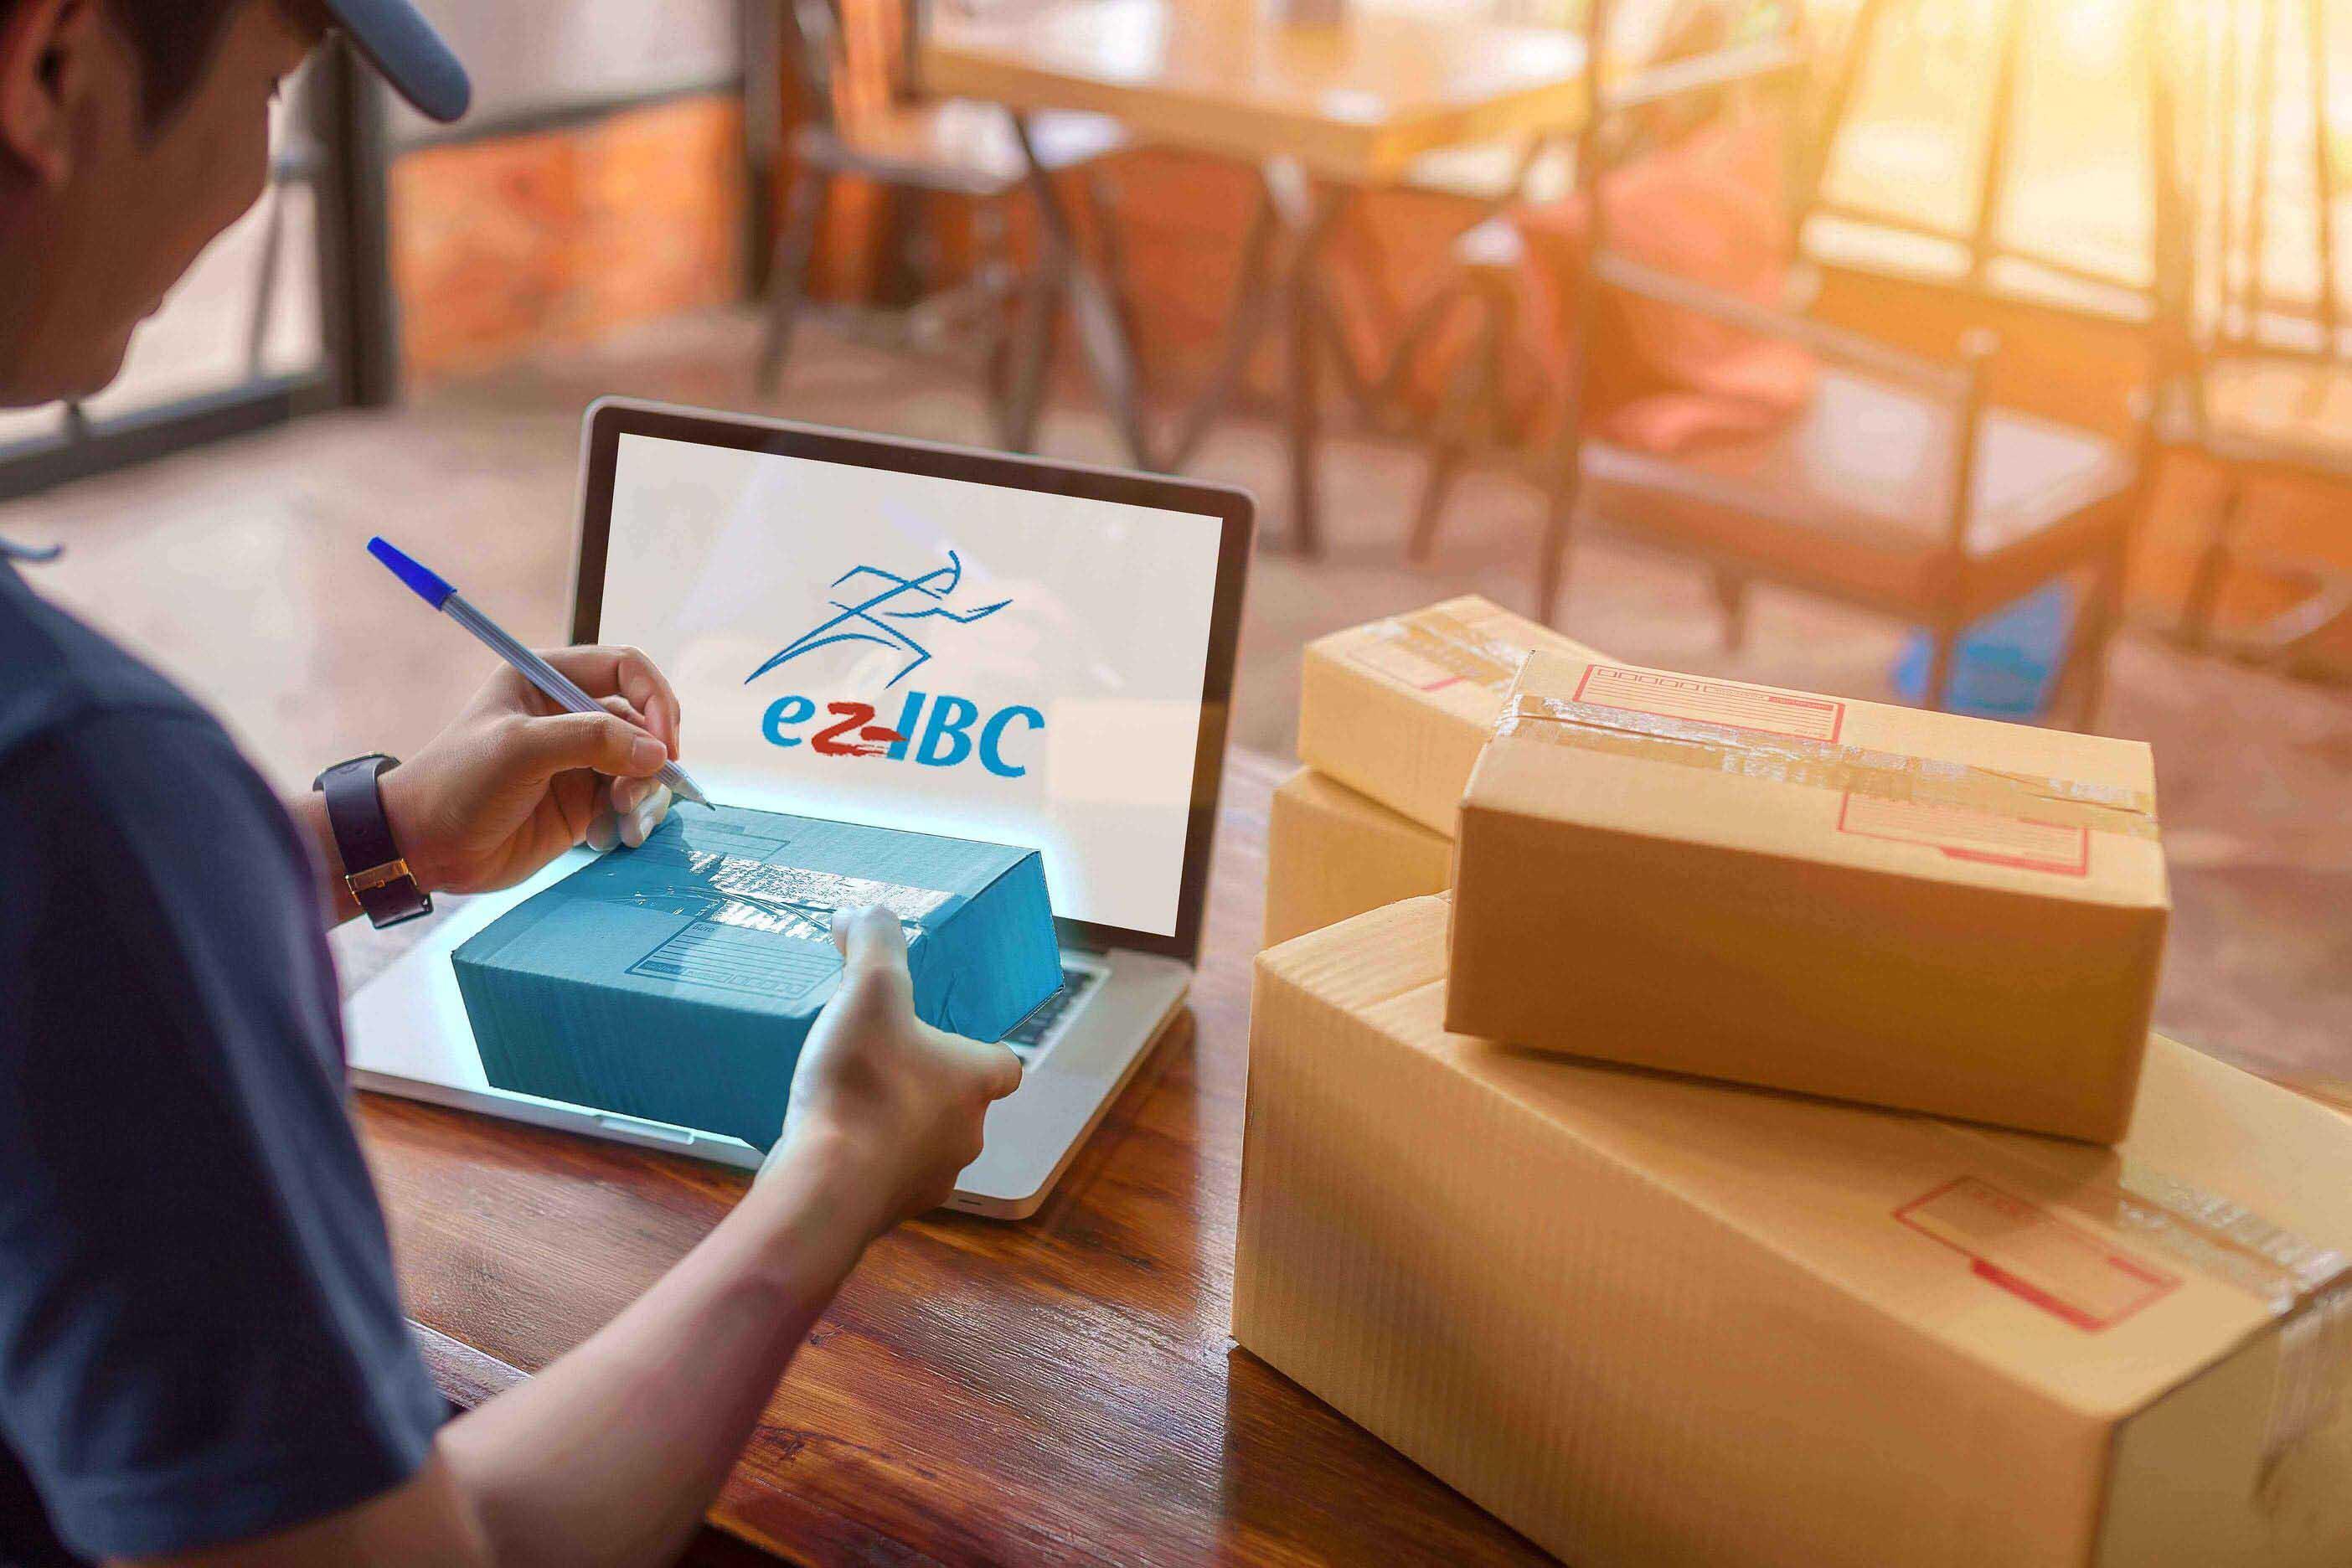 IBC-e-commerce-w_-blue-box (1)-max-min